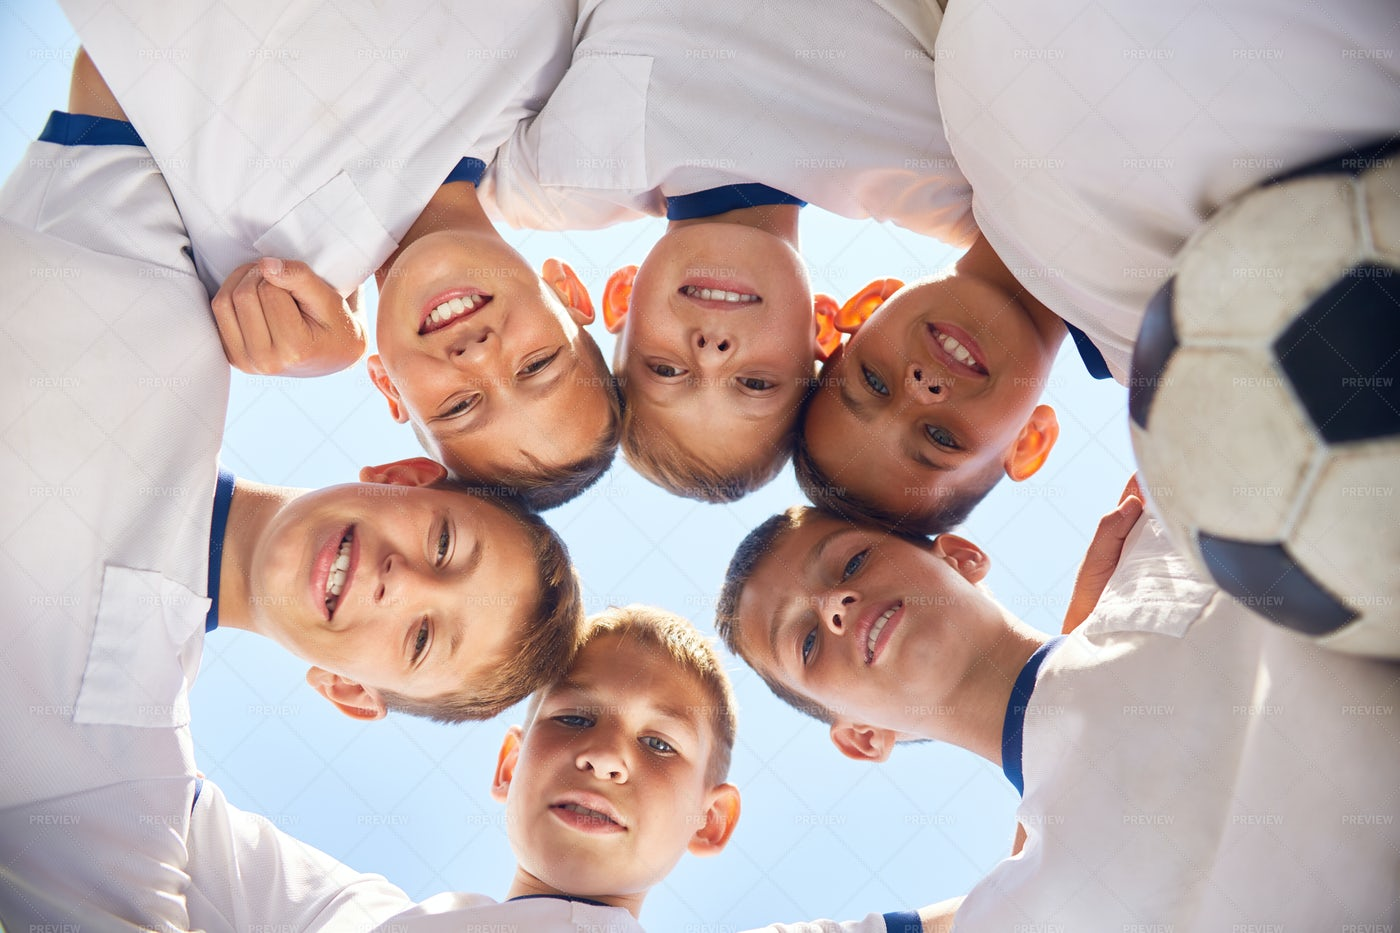 Junior Football Team Huddling...: Stock Photos